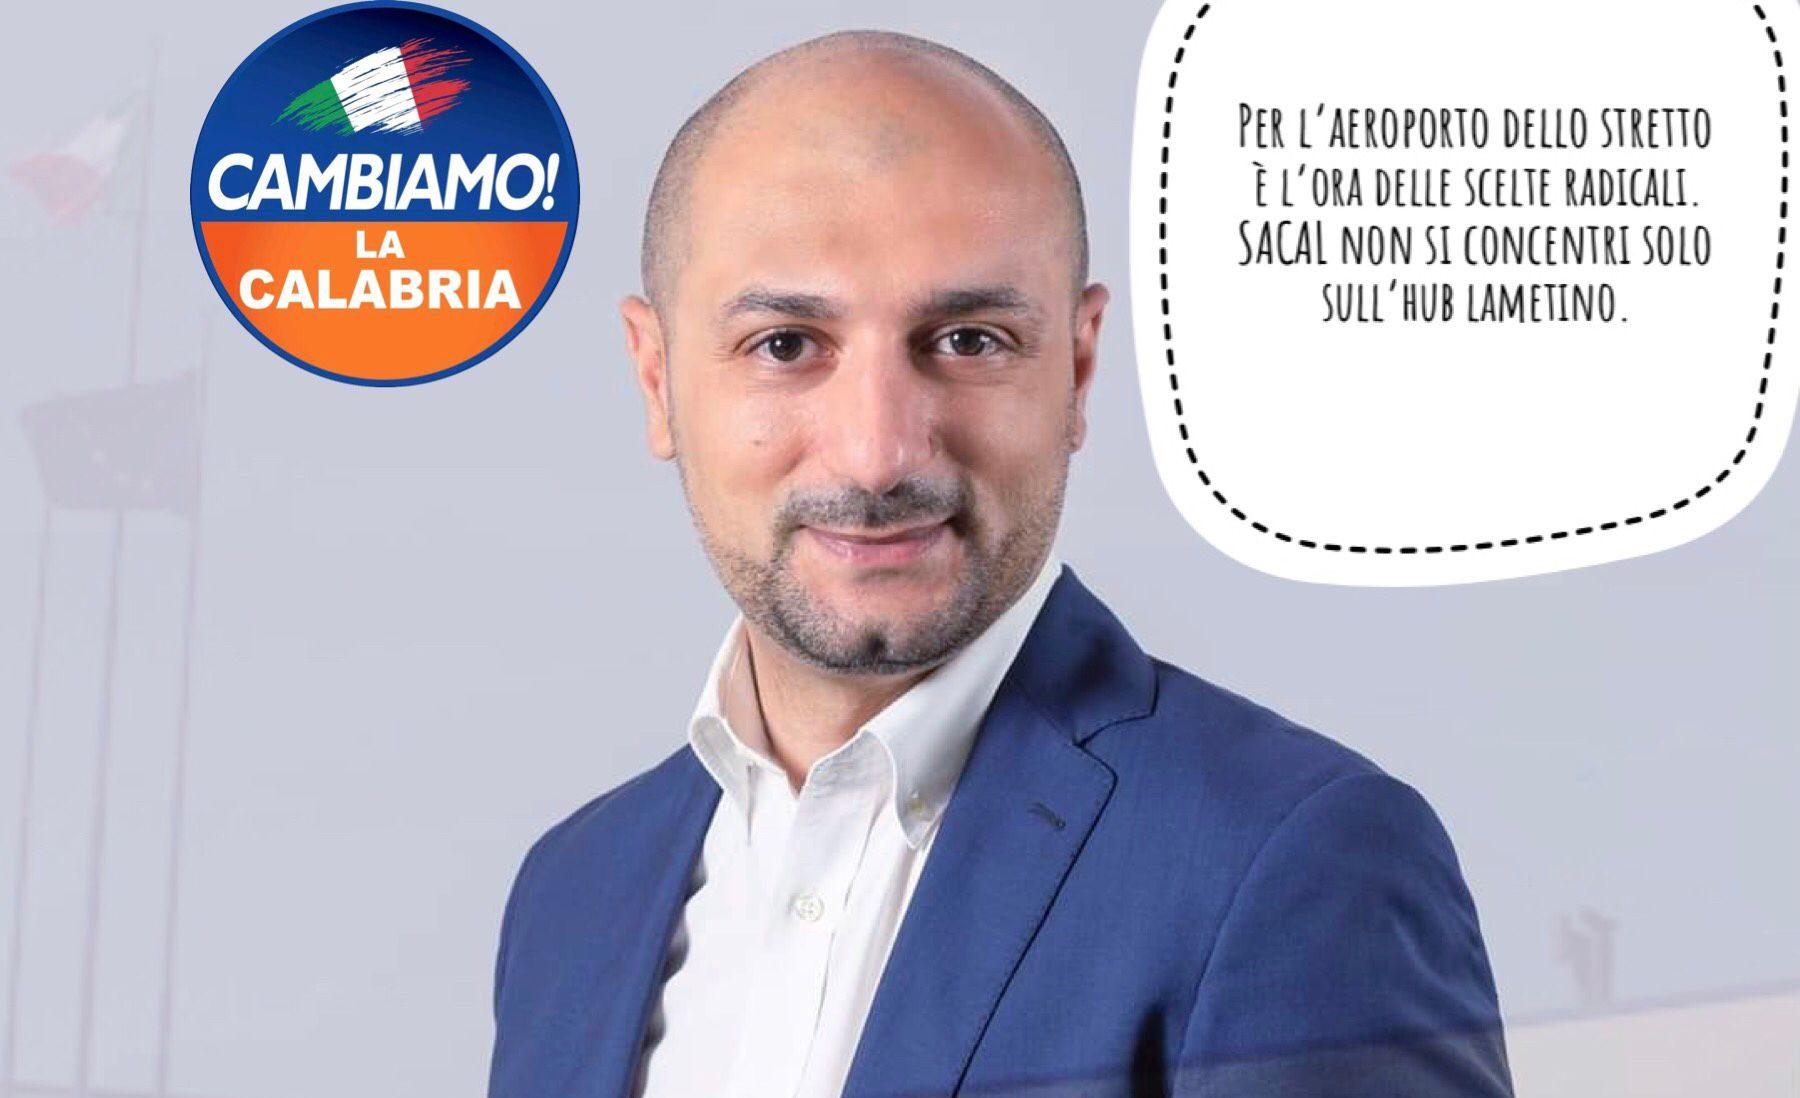 Imbalzano: «Per l'aeroporto di Reggio è l'ora delle scelte radicali»